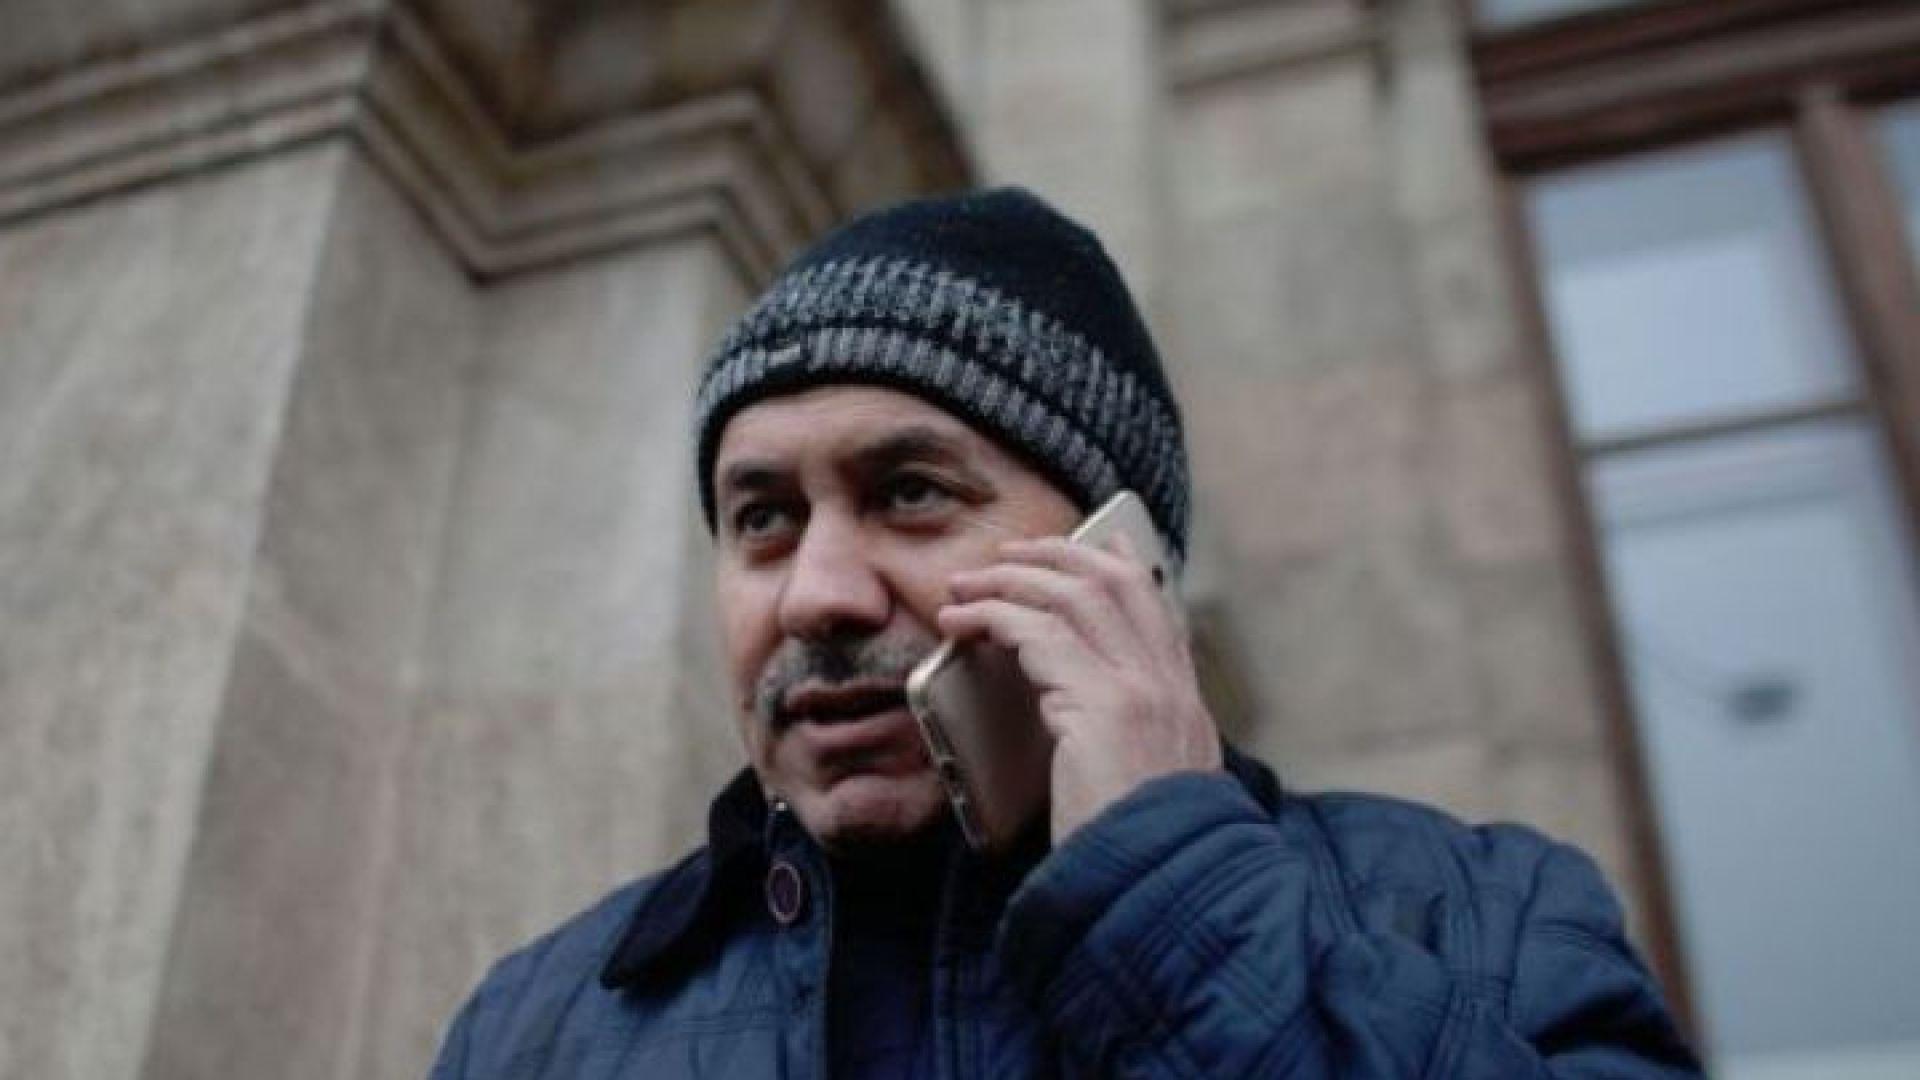 Румънските власти разглеждат искане на Турция за екстрадицията на журналист